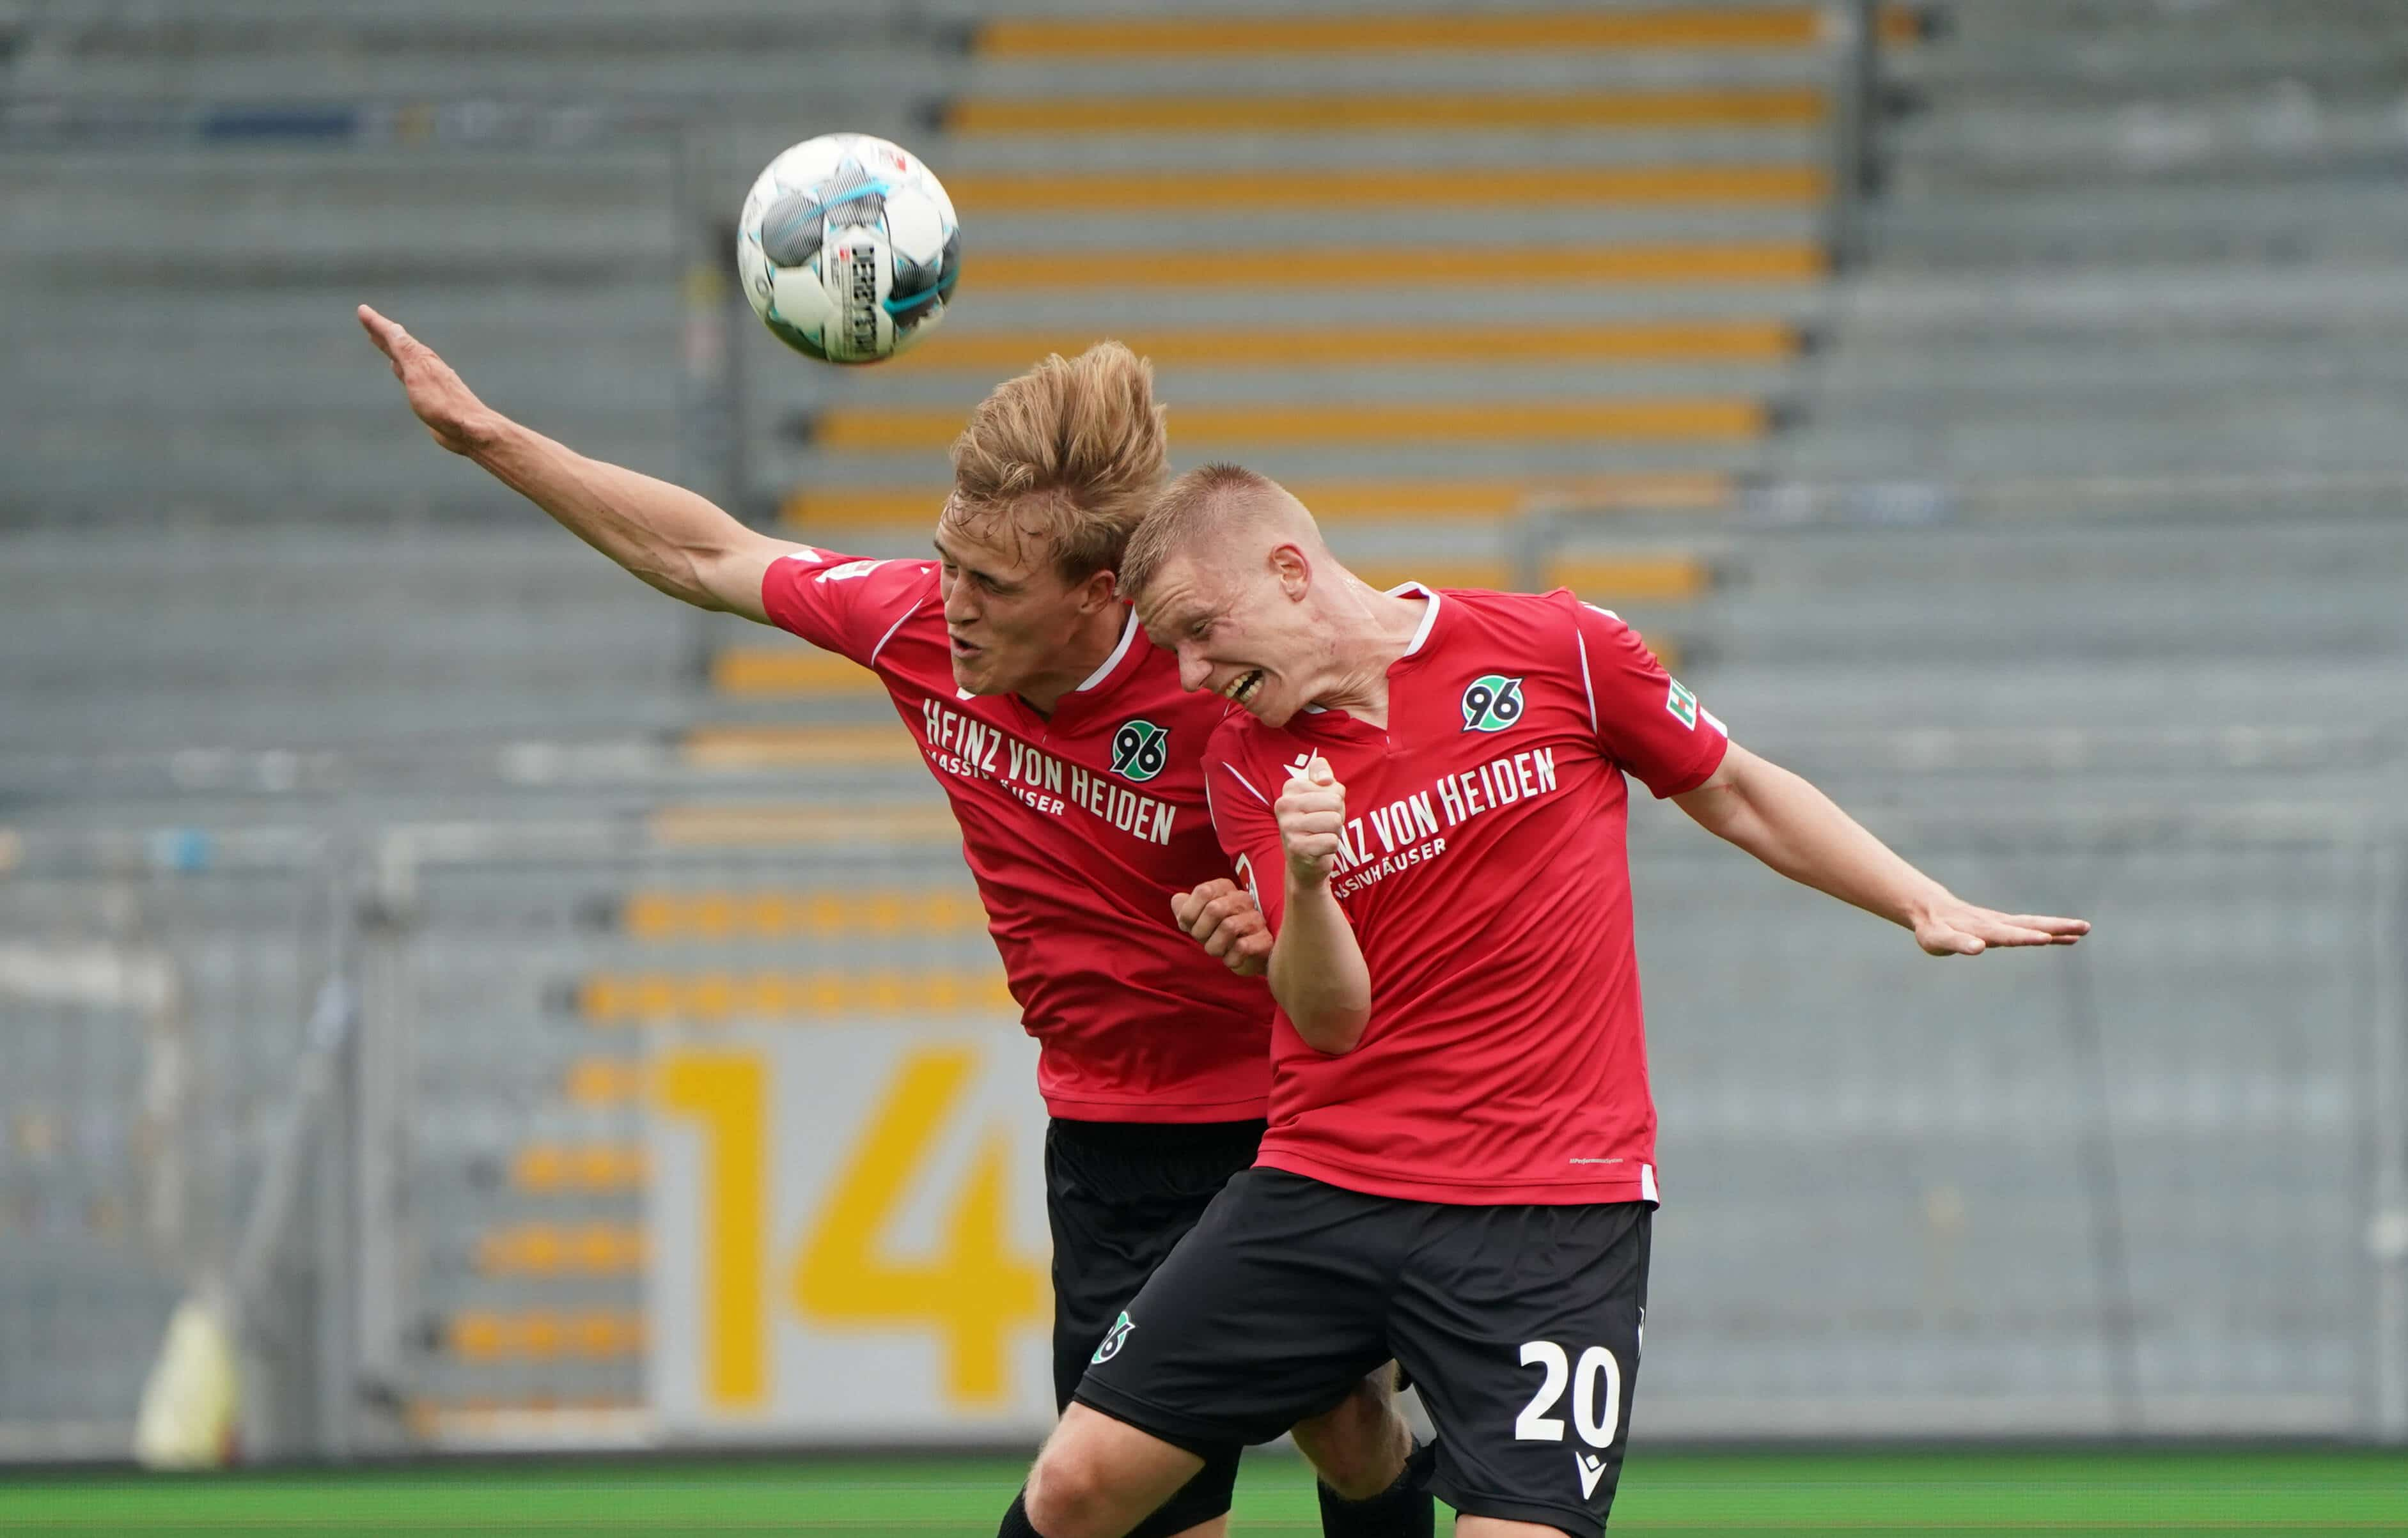 Timo Hübers (Hannover 96) und Philipp Ochs (Hannover 96) behindern sich beim Kopfball gegenseitig – 14.06.2020: Fussbal